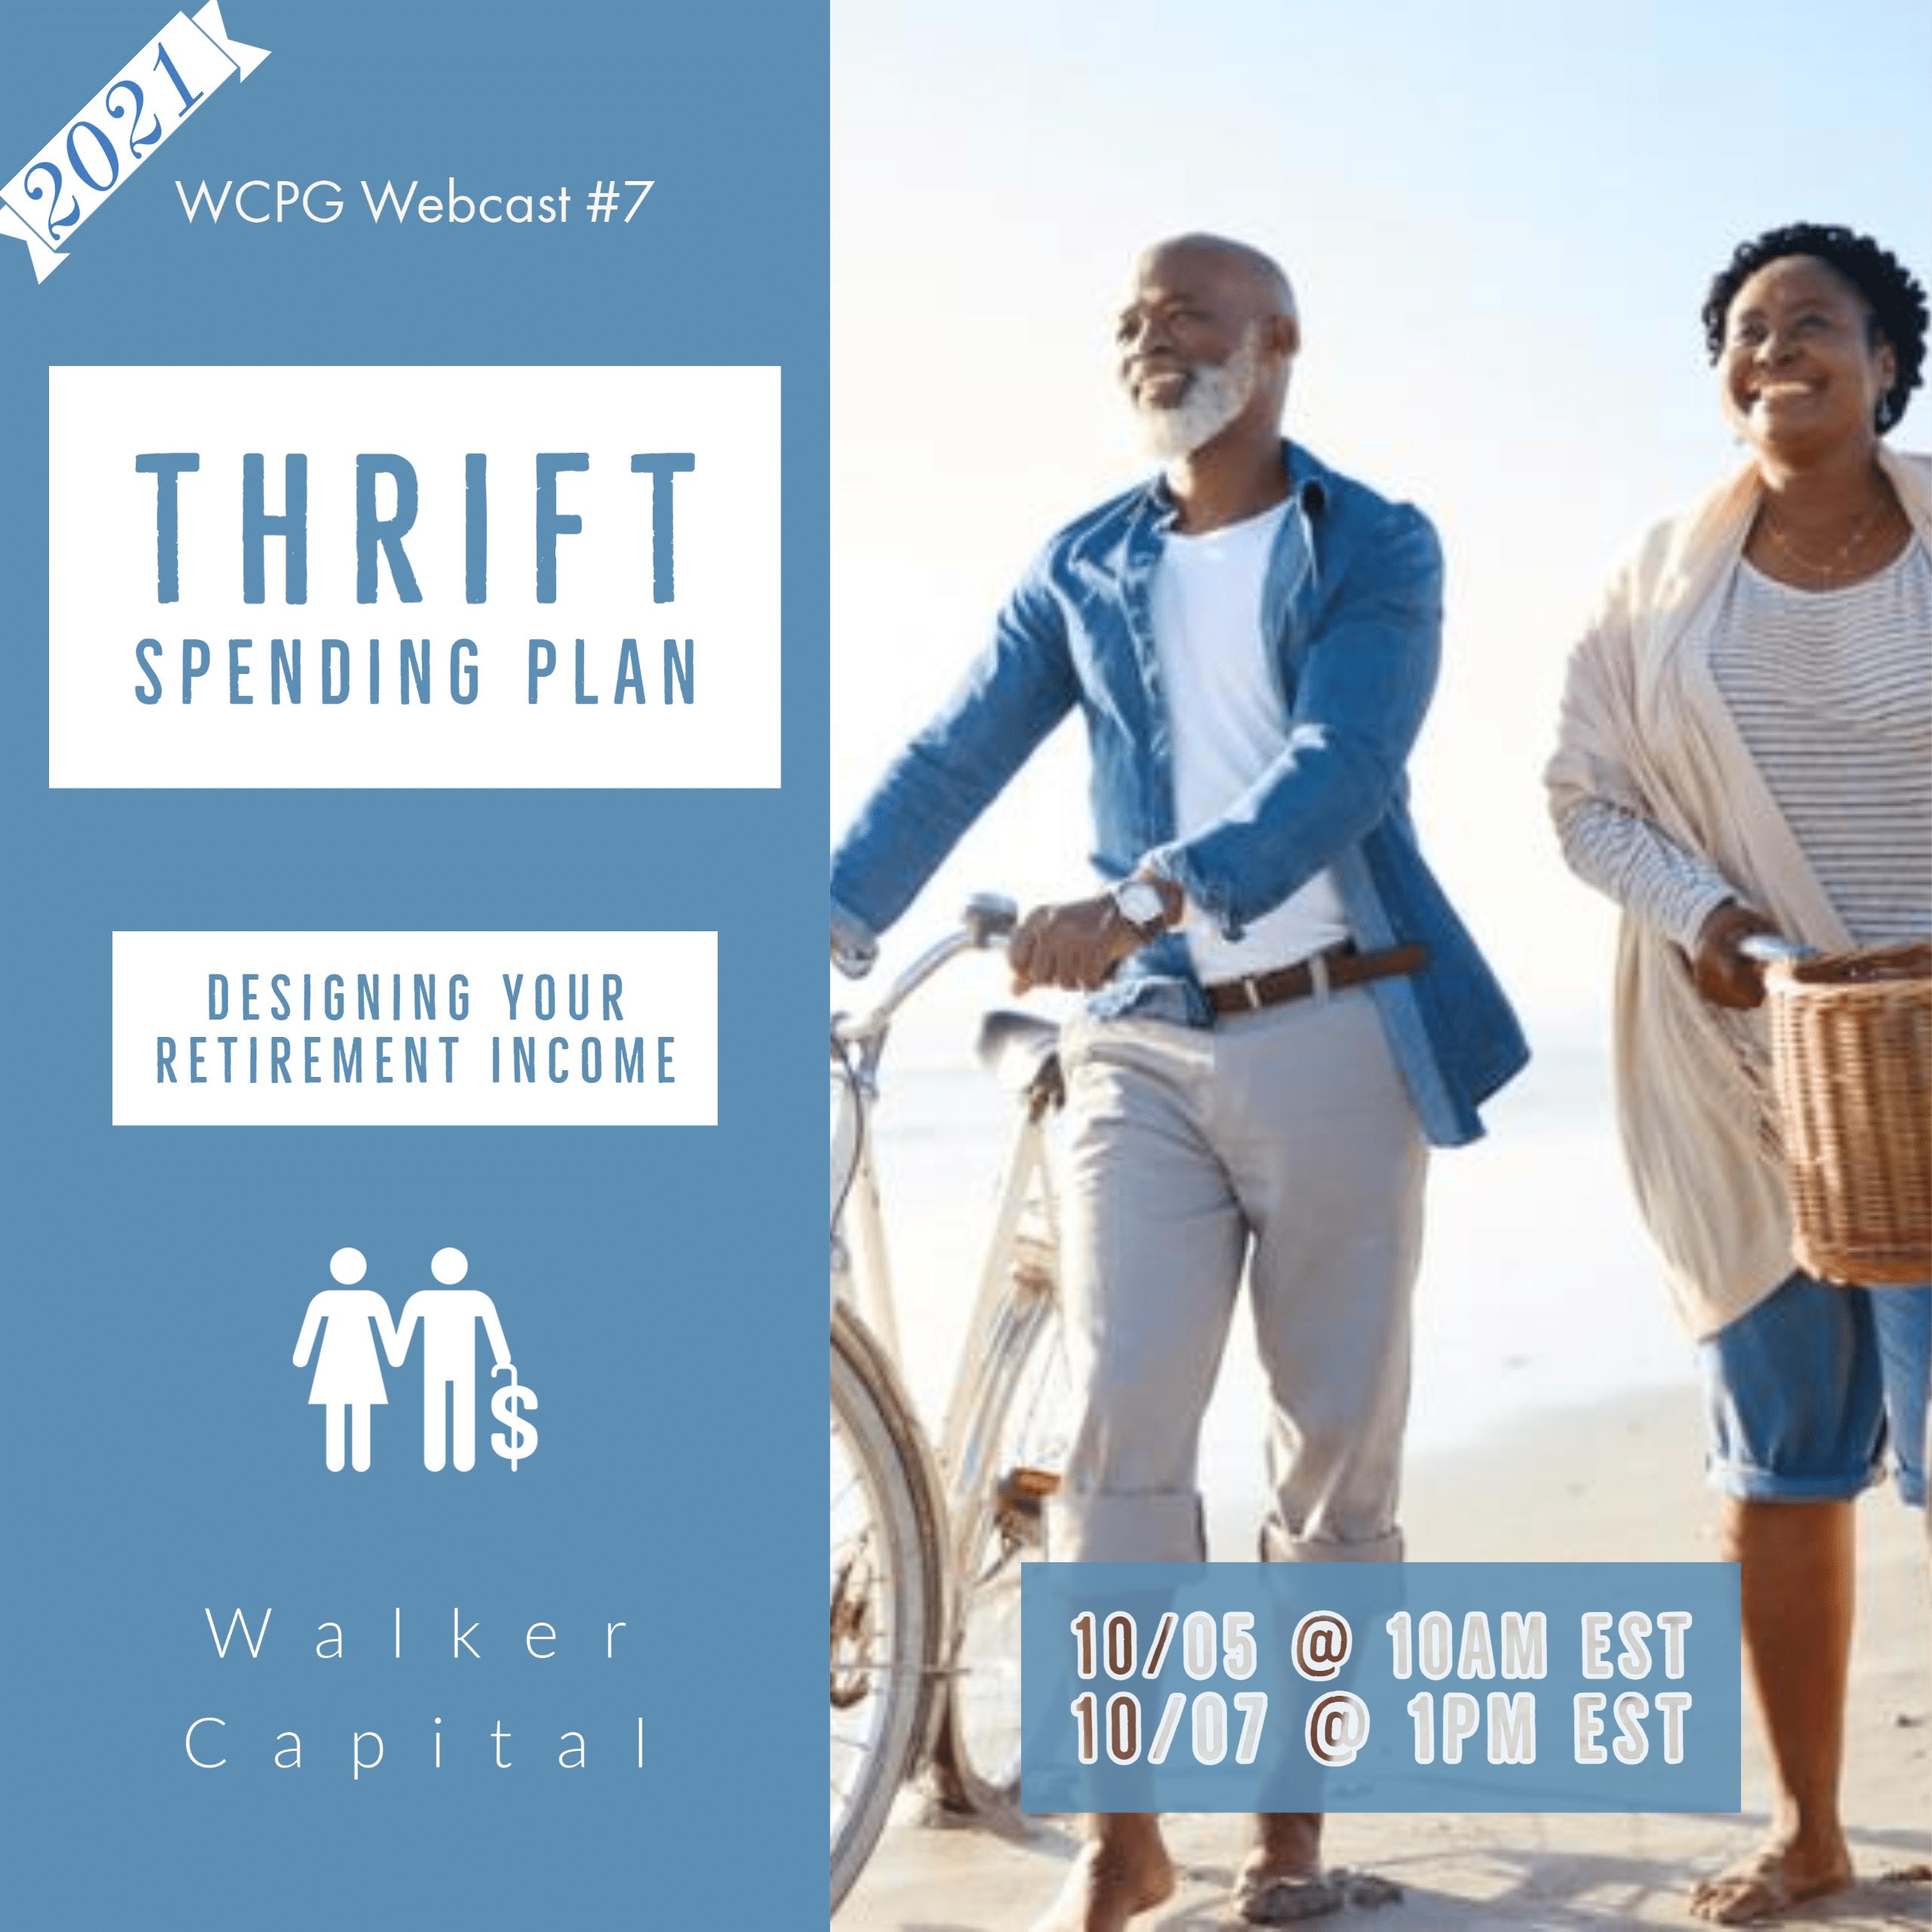 Walker Capital Thrift Spending Plan Fall 2021 Webcast